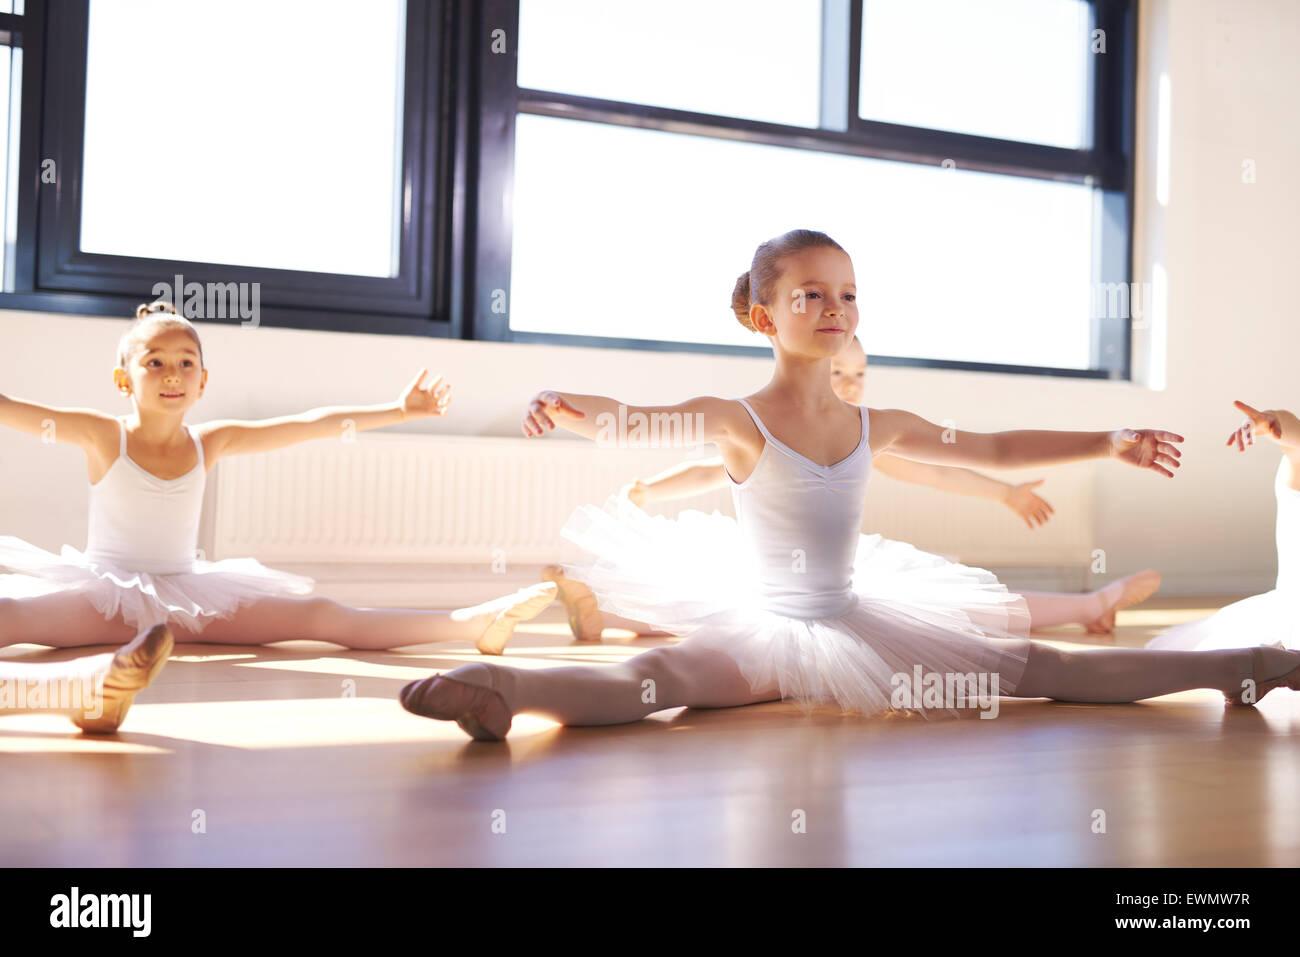 Piuttosto giovani ballerini in bianco Tutus, seduto sul pavimento e stirando le braccia e le gambe come esercizio Immagini Stock